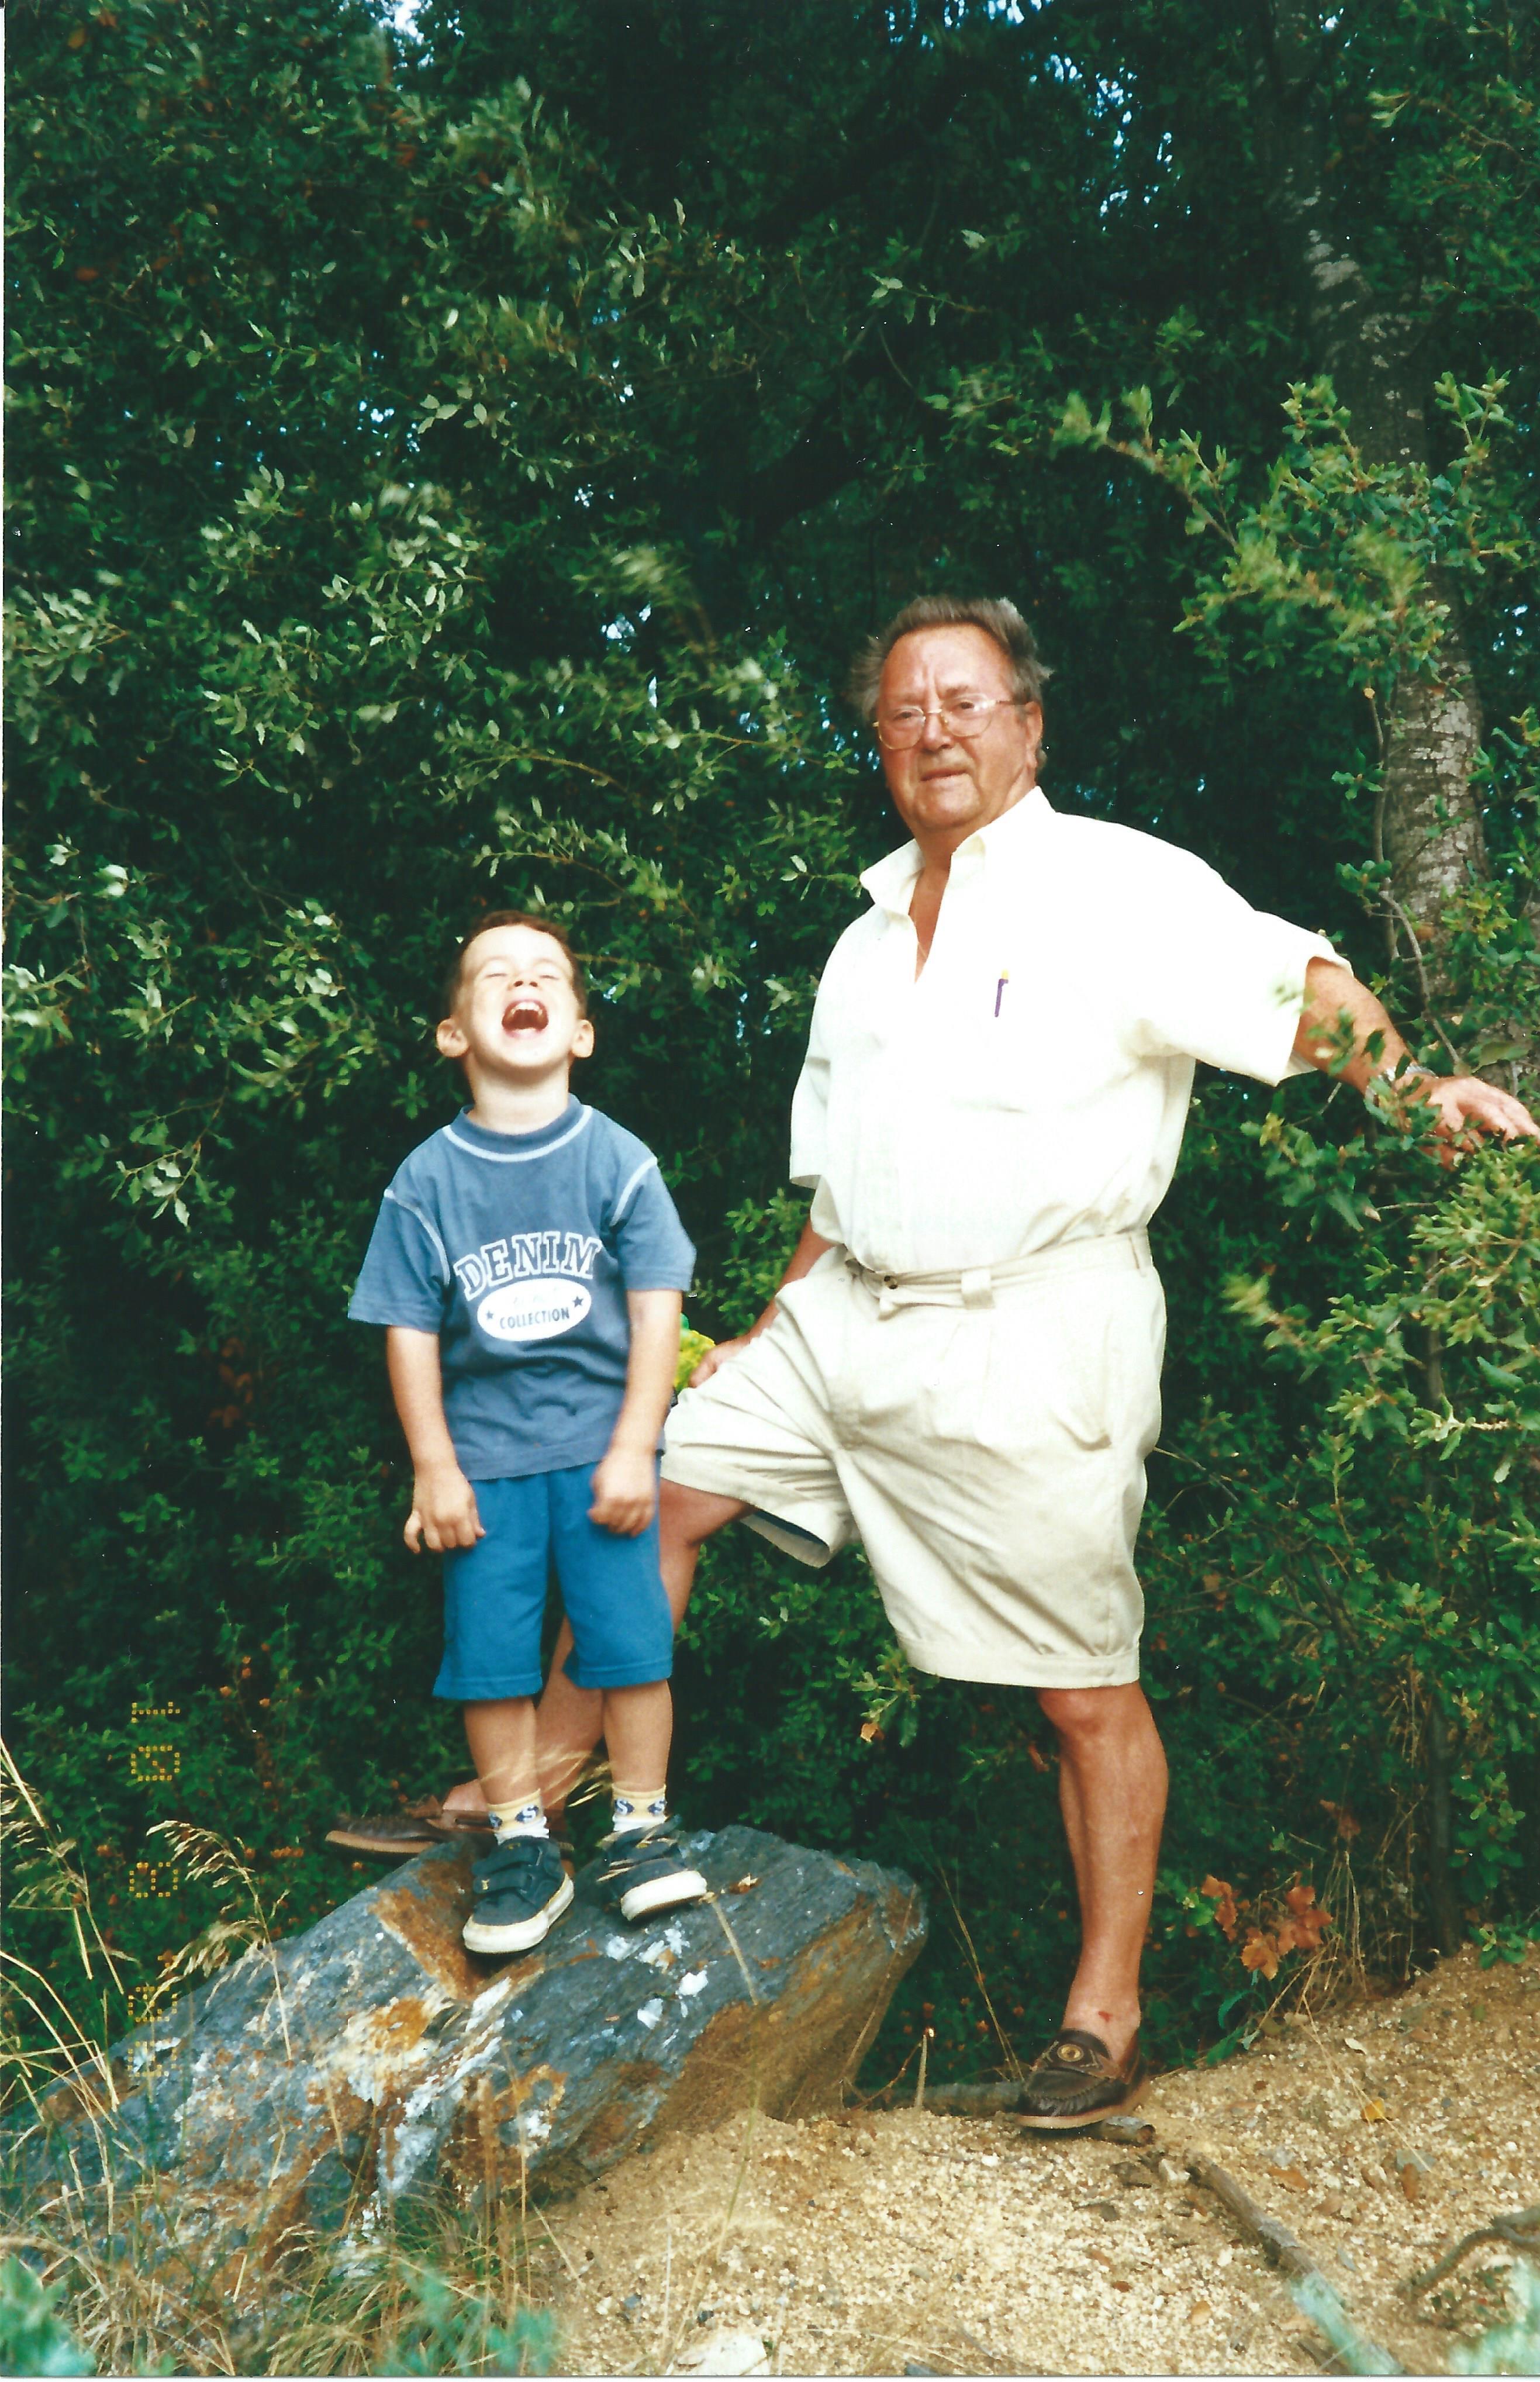 Alejando con su abuelo Joaquín en el Parc de la Creueta del Coll, Barcelona